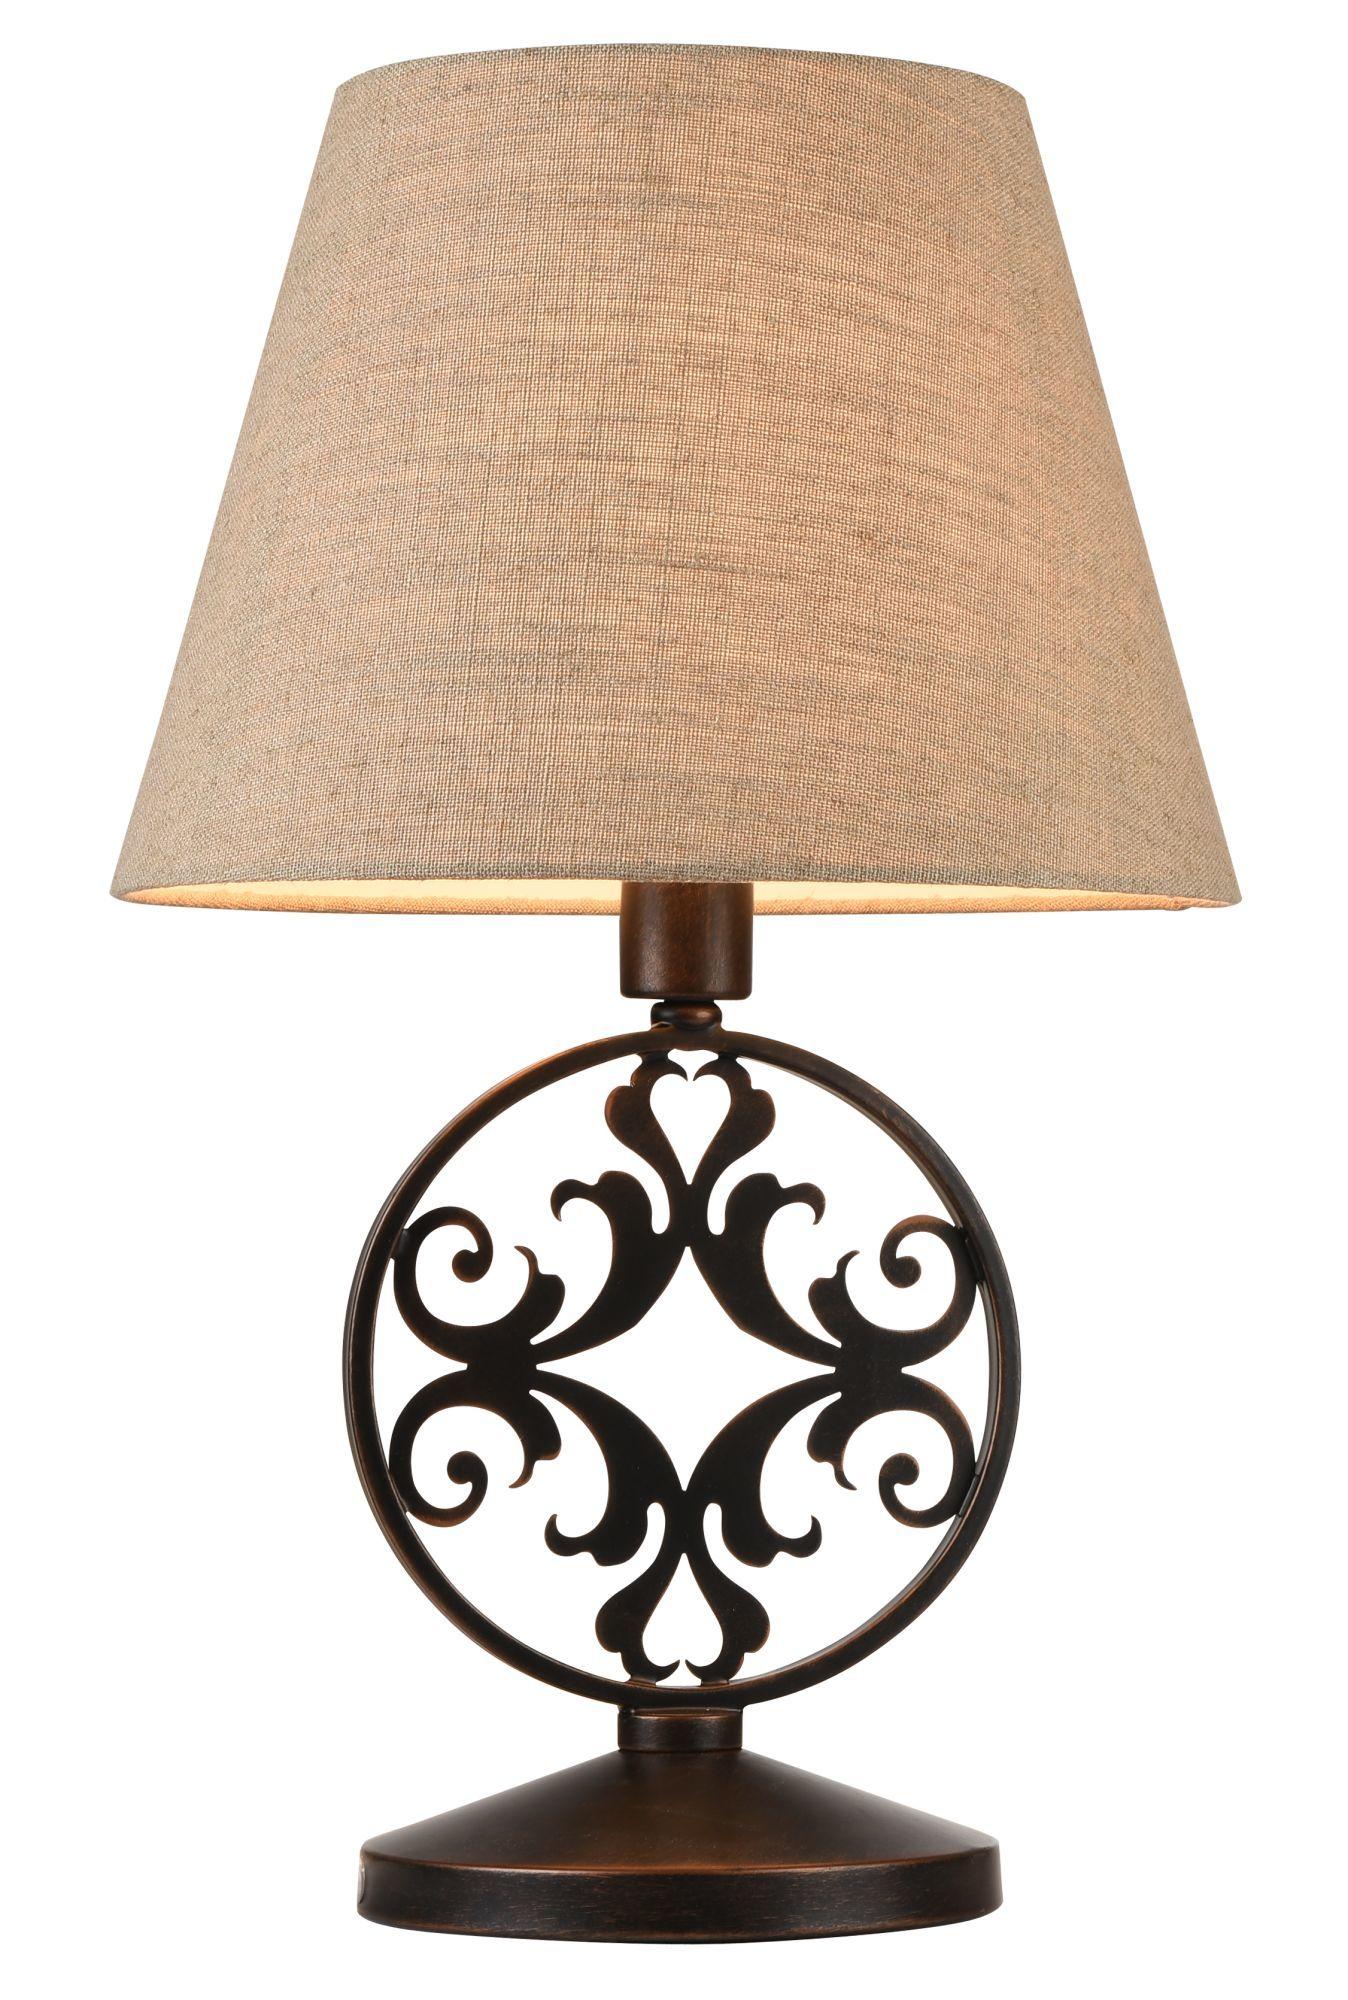 Настольная лампа Maytoni Rustika H899-22-R, 1xE27x40W, коричневый, бежевый, металл, ковка, текстиль - фото 1